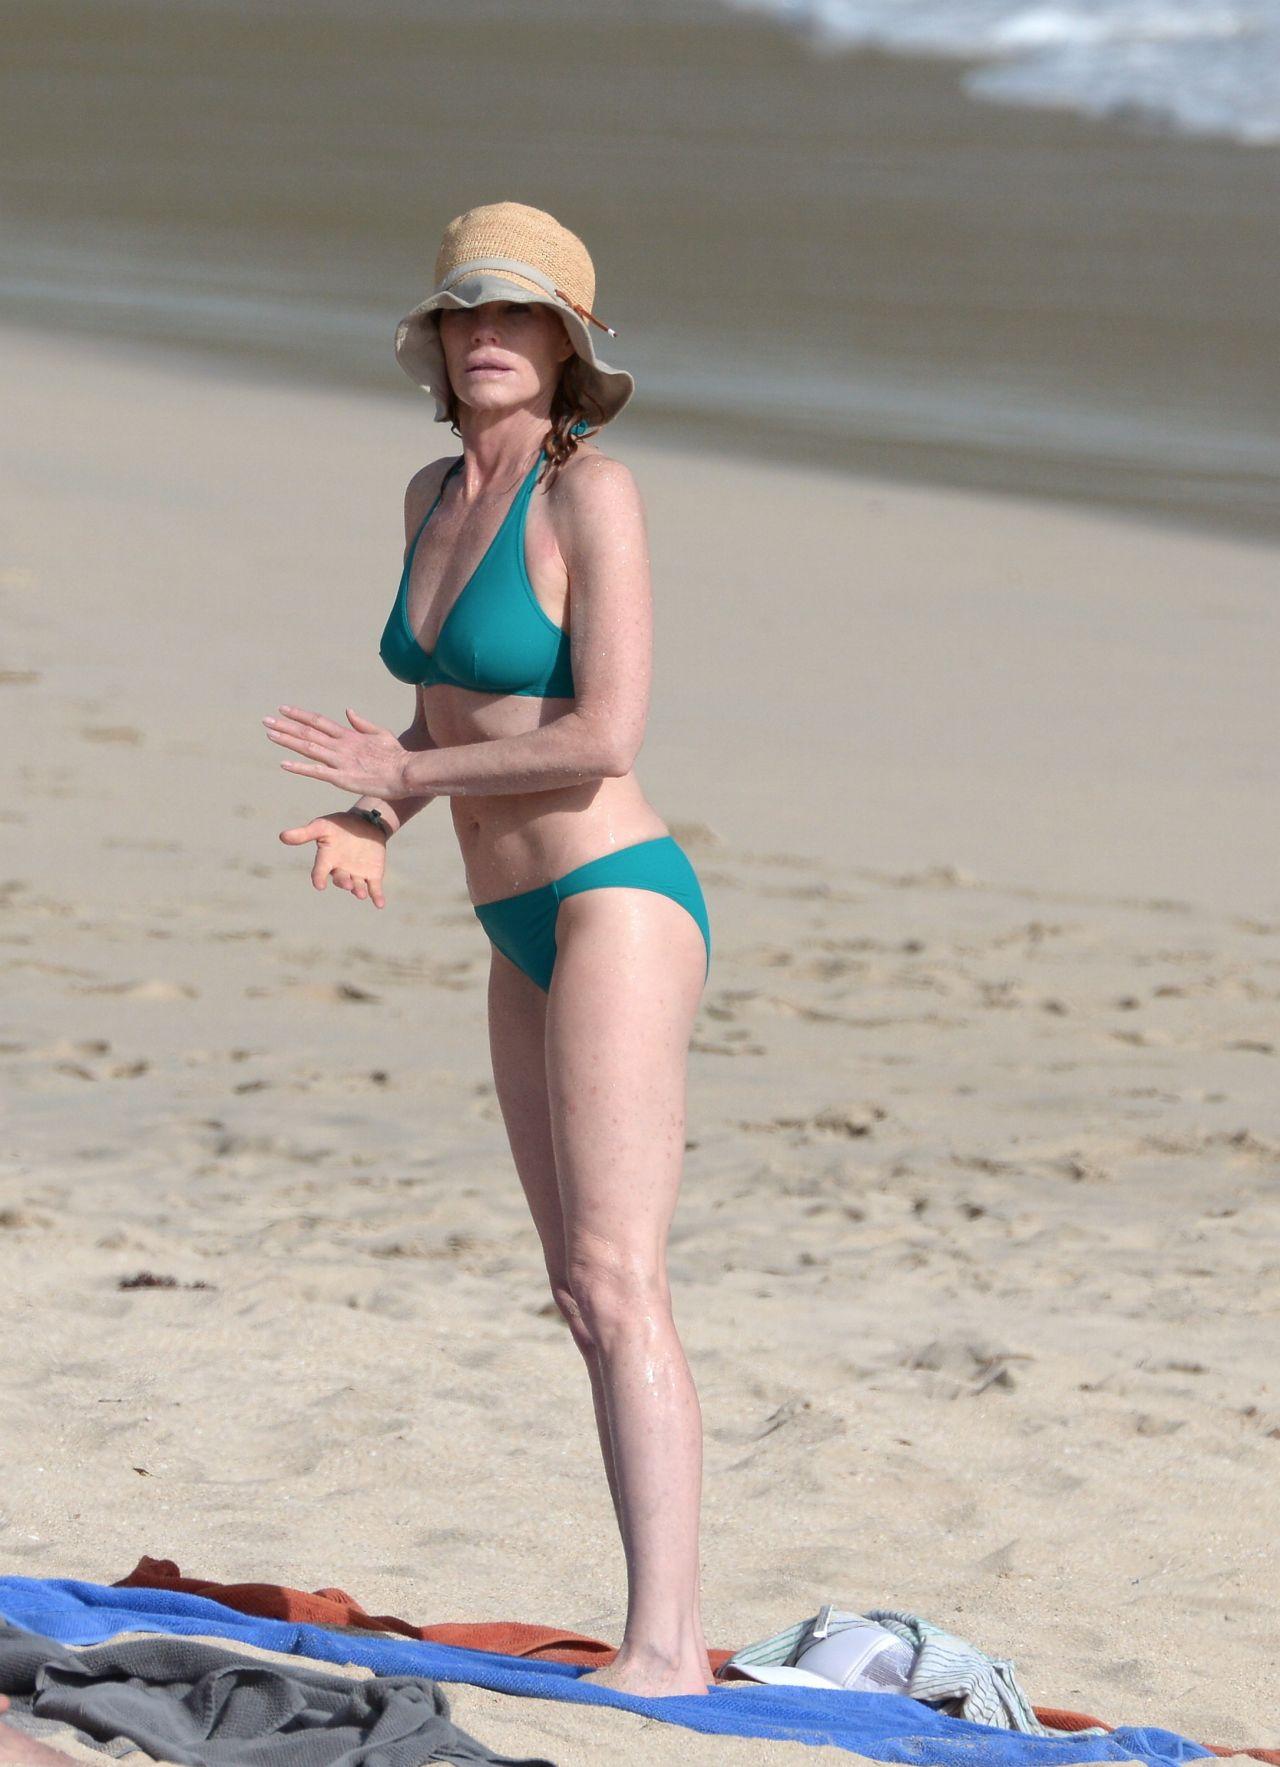 Marge helgenberger im Bikini